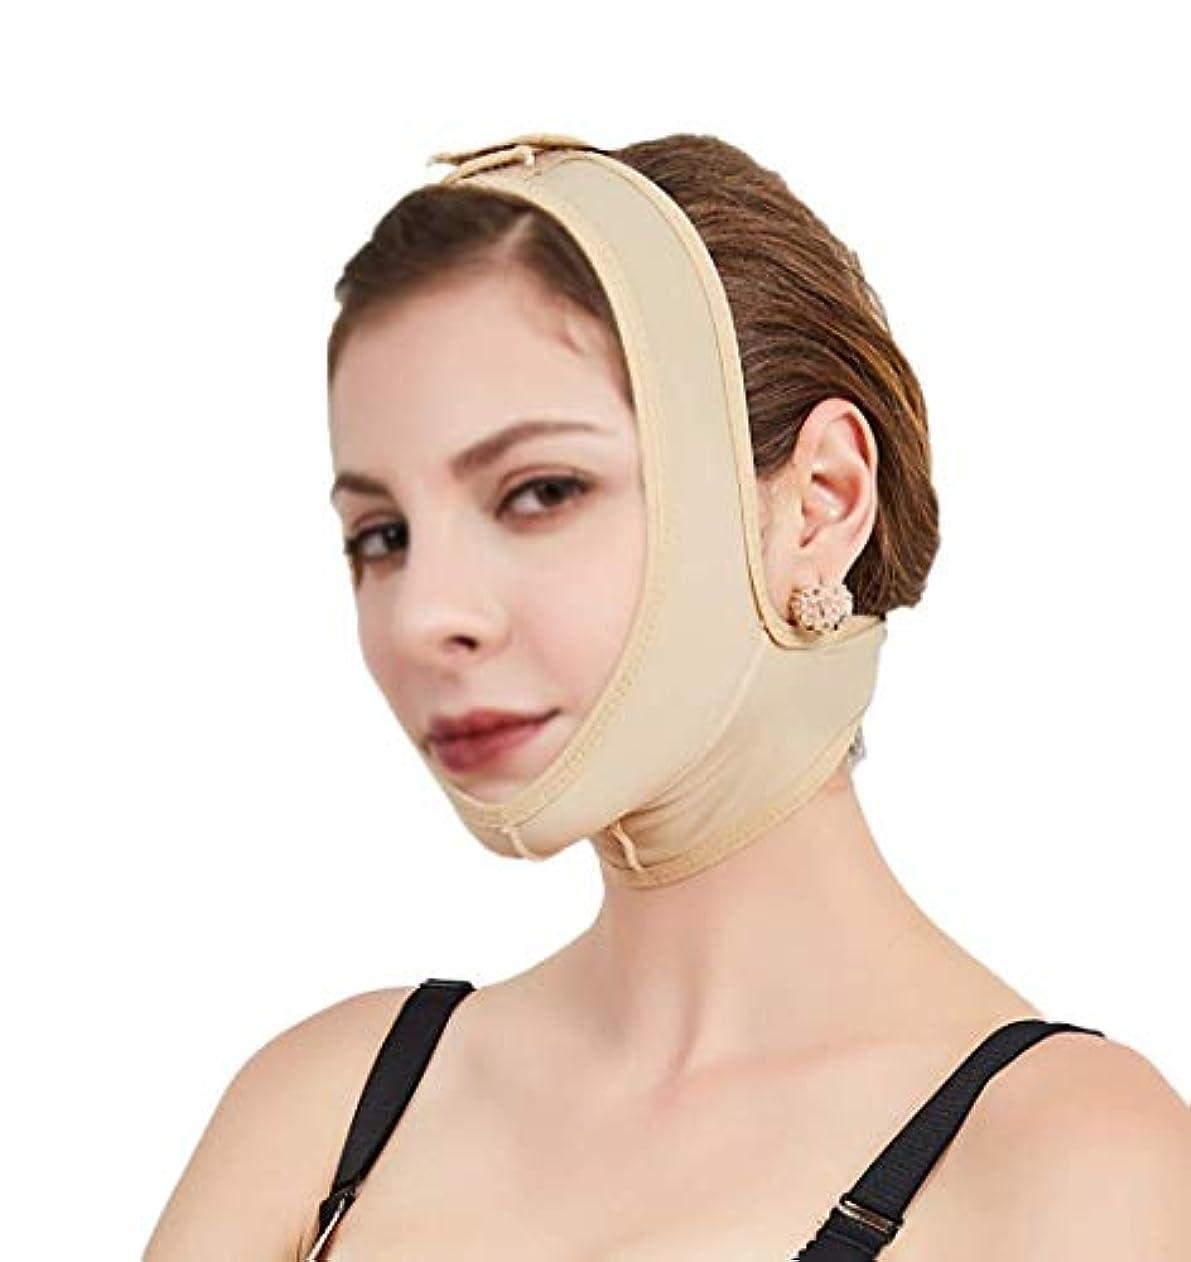 野望重要性幼児フェイスアンドネックリフトポストエラスティックスリーブ下顎骨セットフェイスアーティファクトVフェイスフェイシャルフェイスバンドルダブルチンマスク(サイズ:XS)